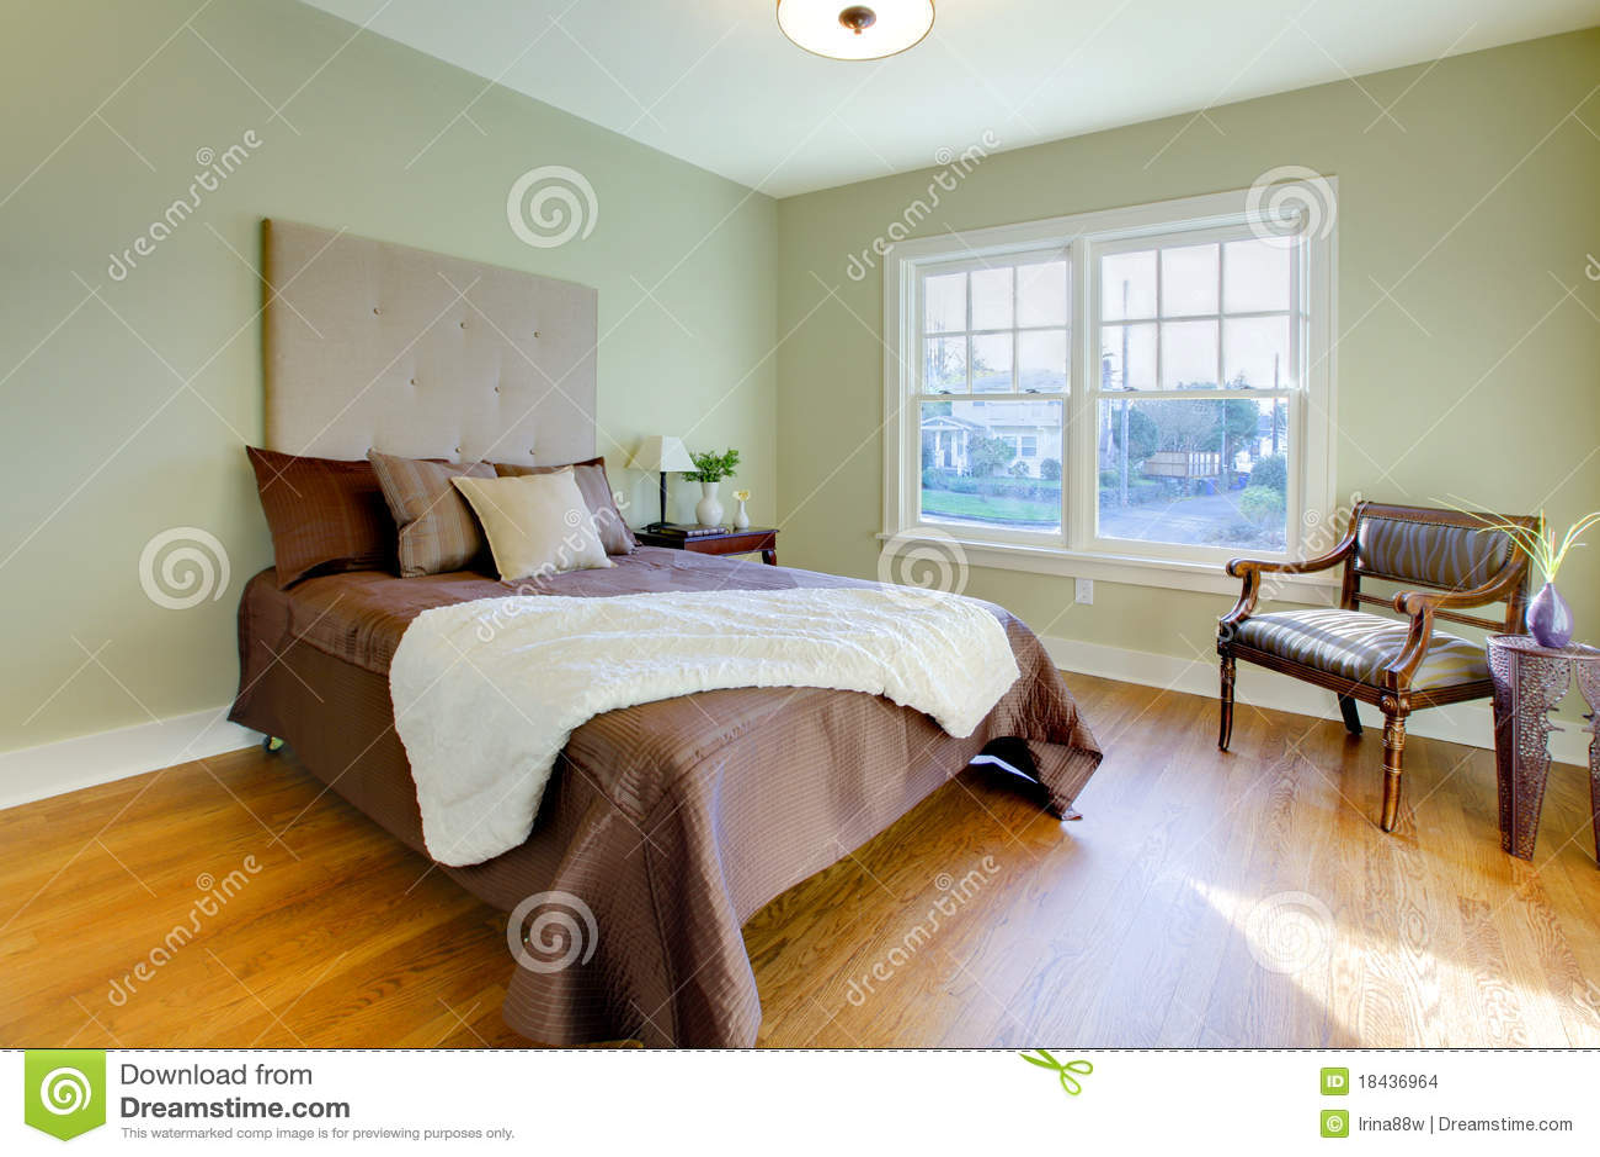 Verse Groene Slaapkamer Met Modern Bruin Bed Stock Afbeeldingen ...